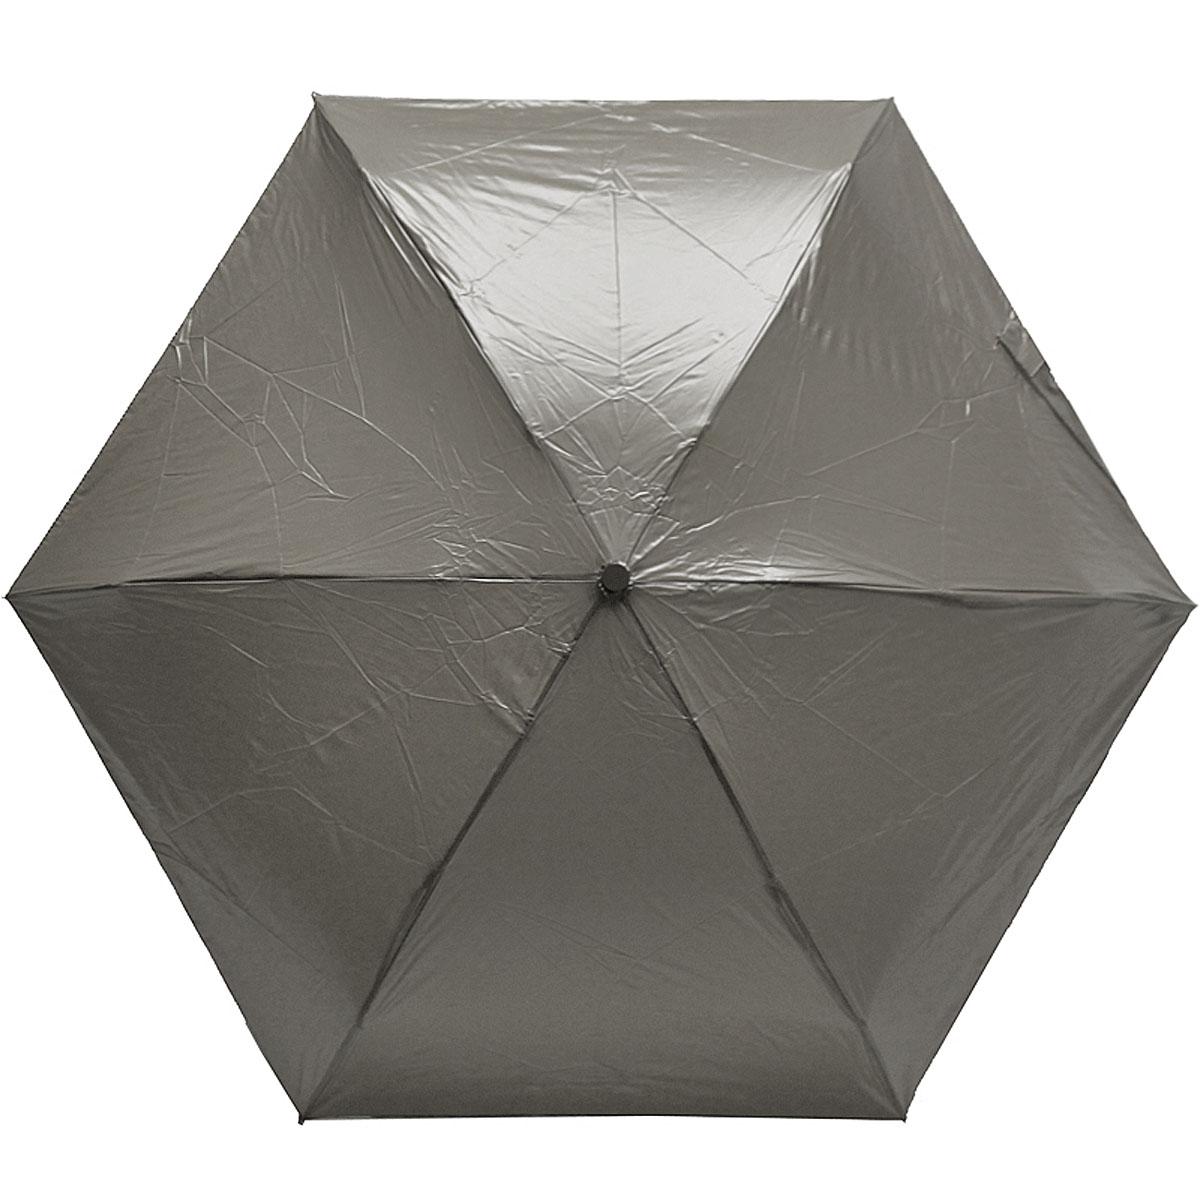 Зонт женский Vogue, цвет: серый. 454V-4П300020005-20Стильный зонт испанского производителя Vogue оснащен каркасом с противоветровым эффектом.Каркас зонта включает 6 спиц. Стержень изготовлен из стали, купол выполнен из прочного полиэстера.Зонт является механическим: купол открывается и закрывается вручную до характерного щелчка.Такой зонт не только надежно защитит вас от дождя, но и станет стильным аксессуаром, который идеально подчеркнет ваш неповторимый образ. Рекомендации по использованию: Мокрый зонт нельзя оставлять сложенным. Зонт после использования рекомендуется сушить в полураскрытом виде вдали от нагревательных приборов. Чистить зонт рекомендуется губкой, используя мягкие нещелочные растворы.